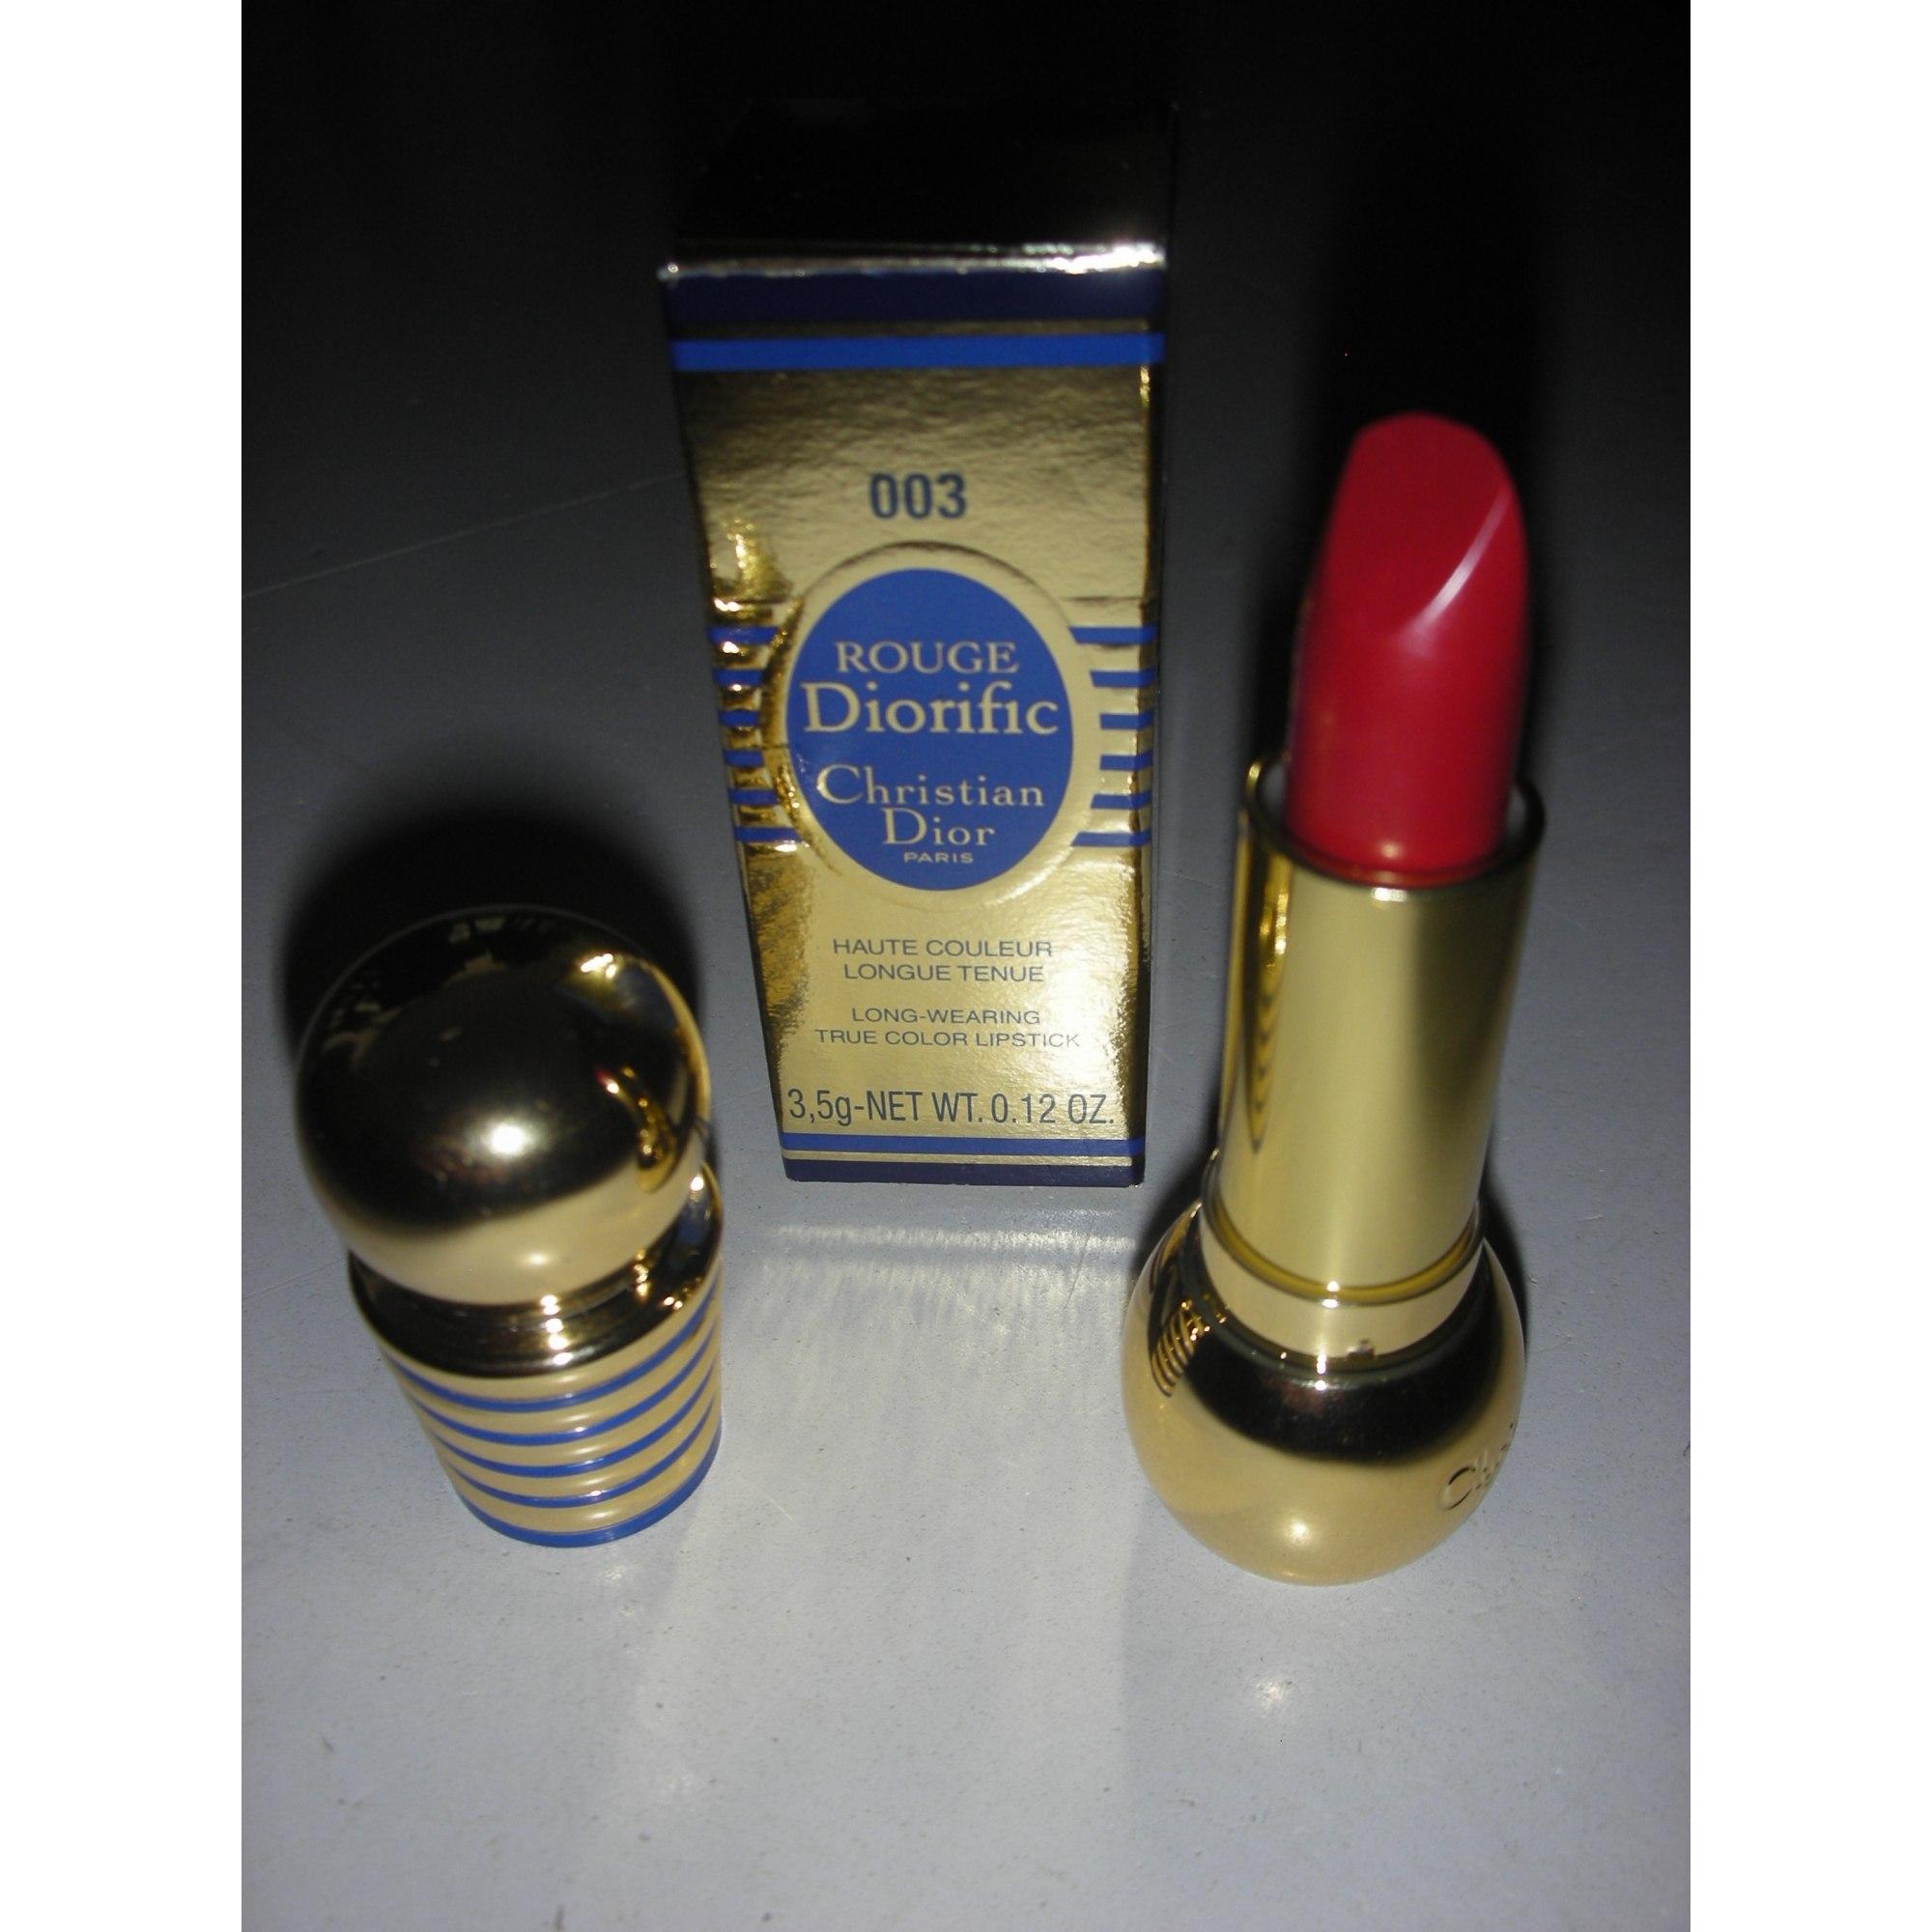 Rouge à lèvres DIOR rose abracadabra 003 - 315960 40cd1aae1e7a